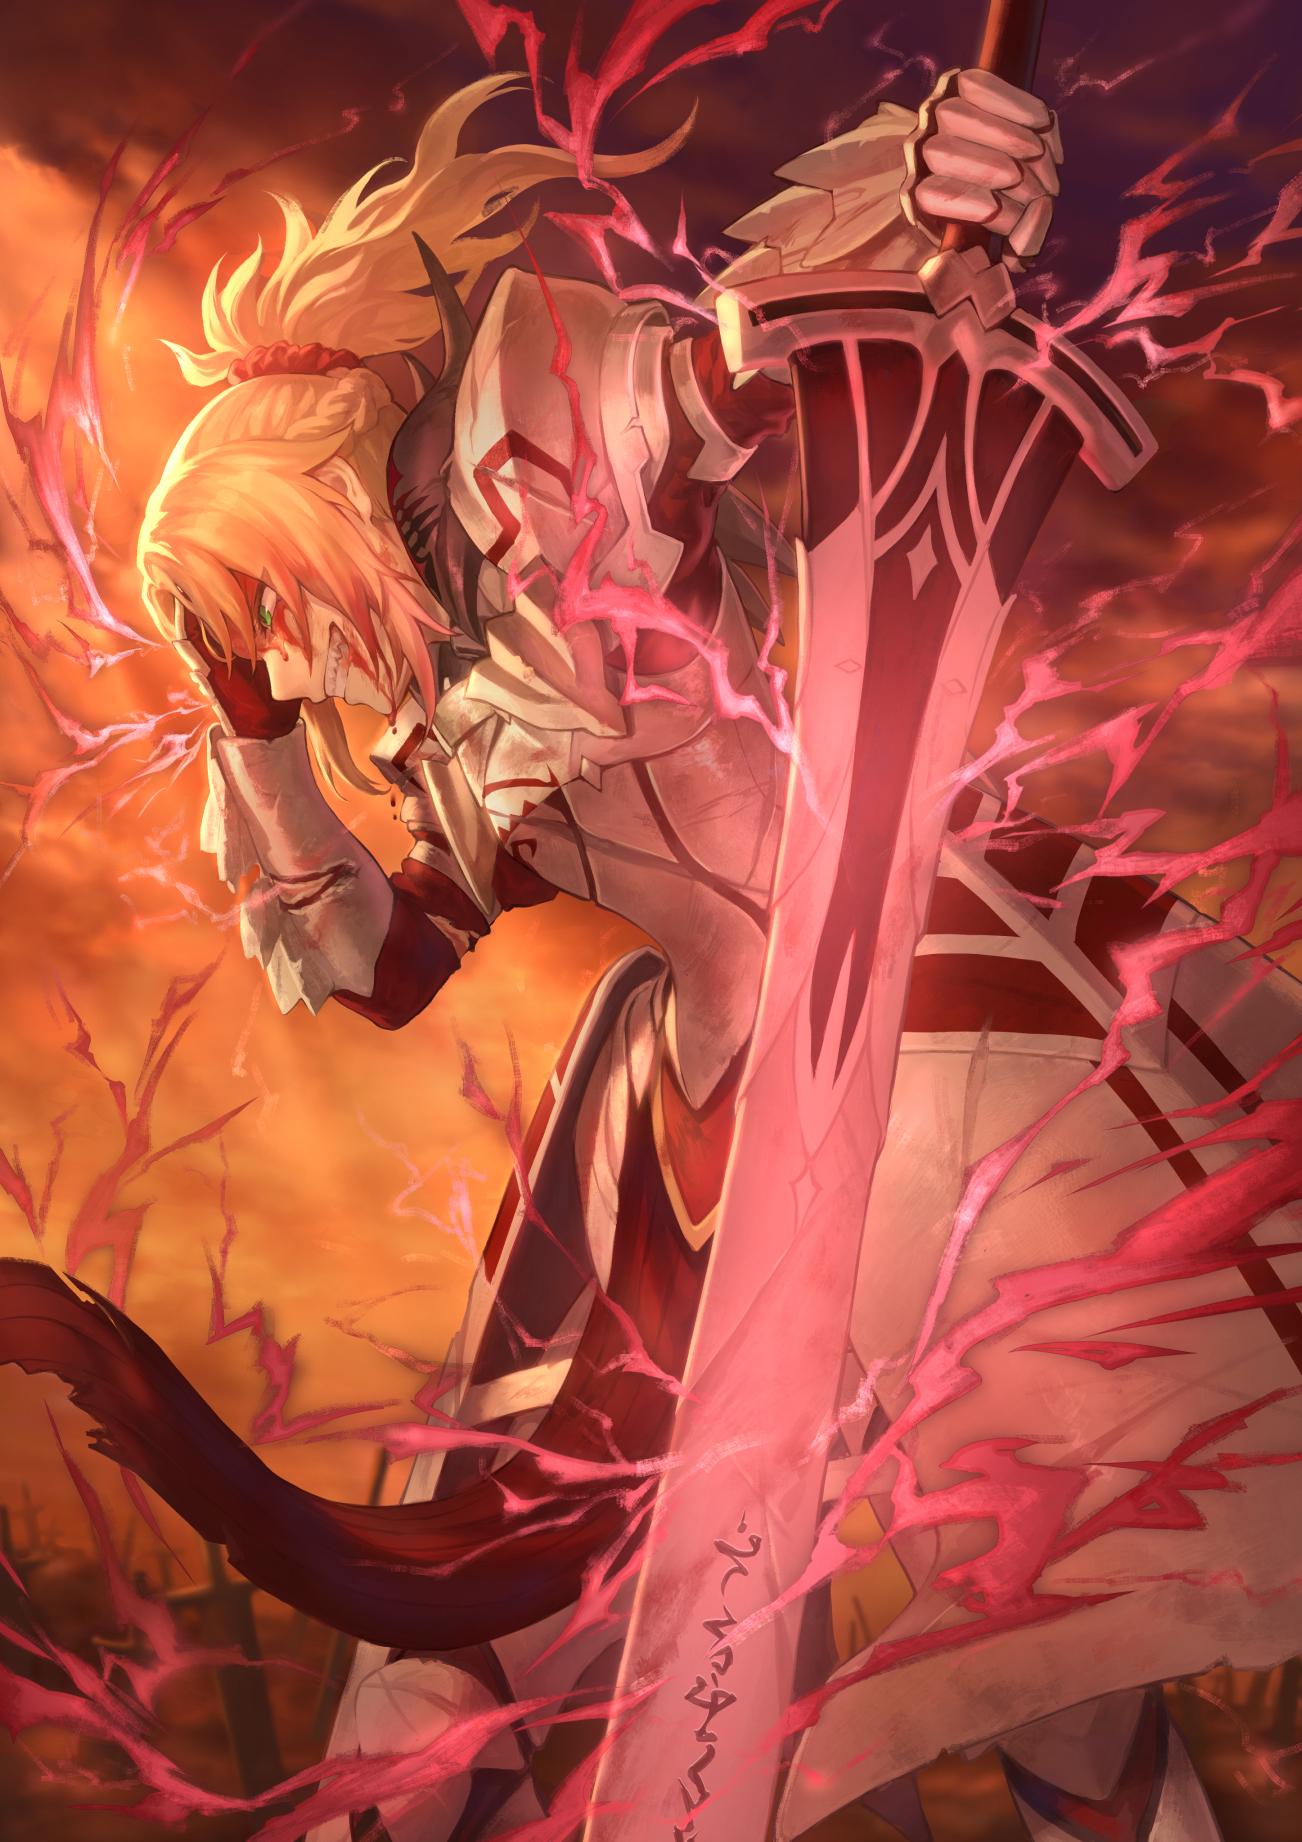 デスクトップ壁紙 アニメの女の子 フェイトグランドオーダー